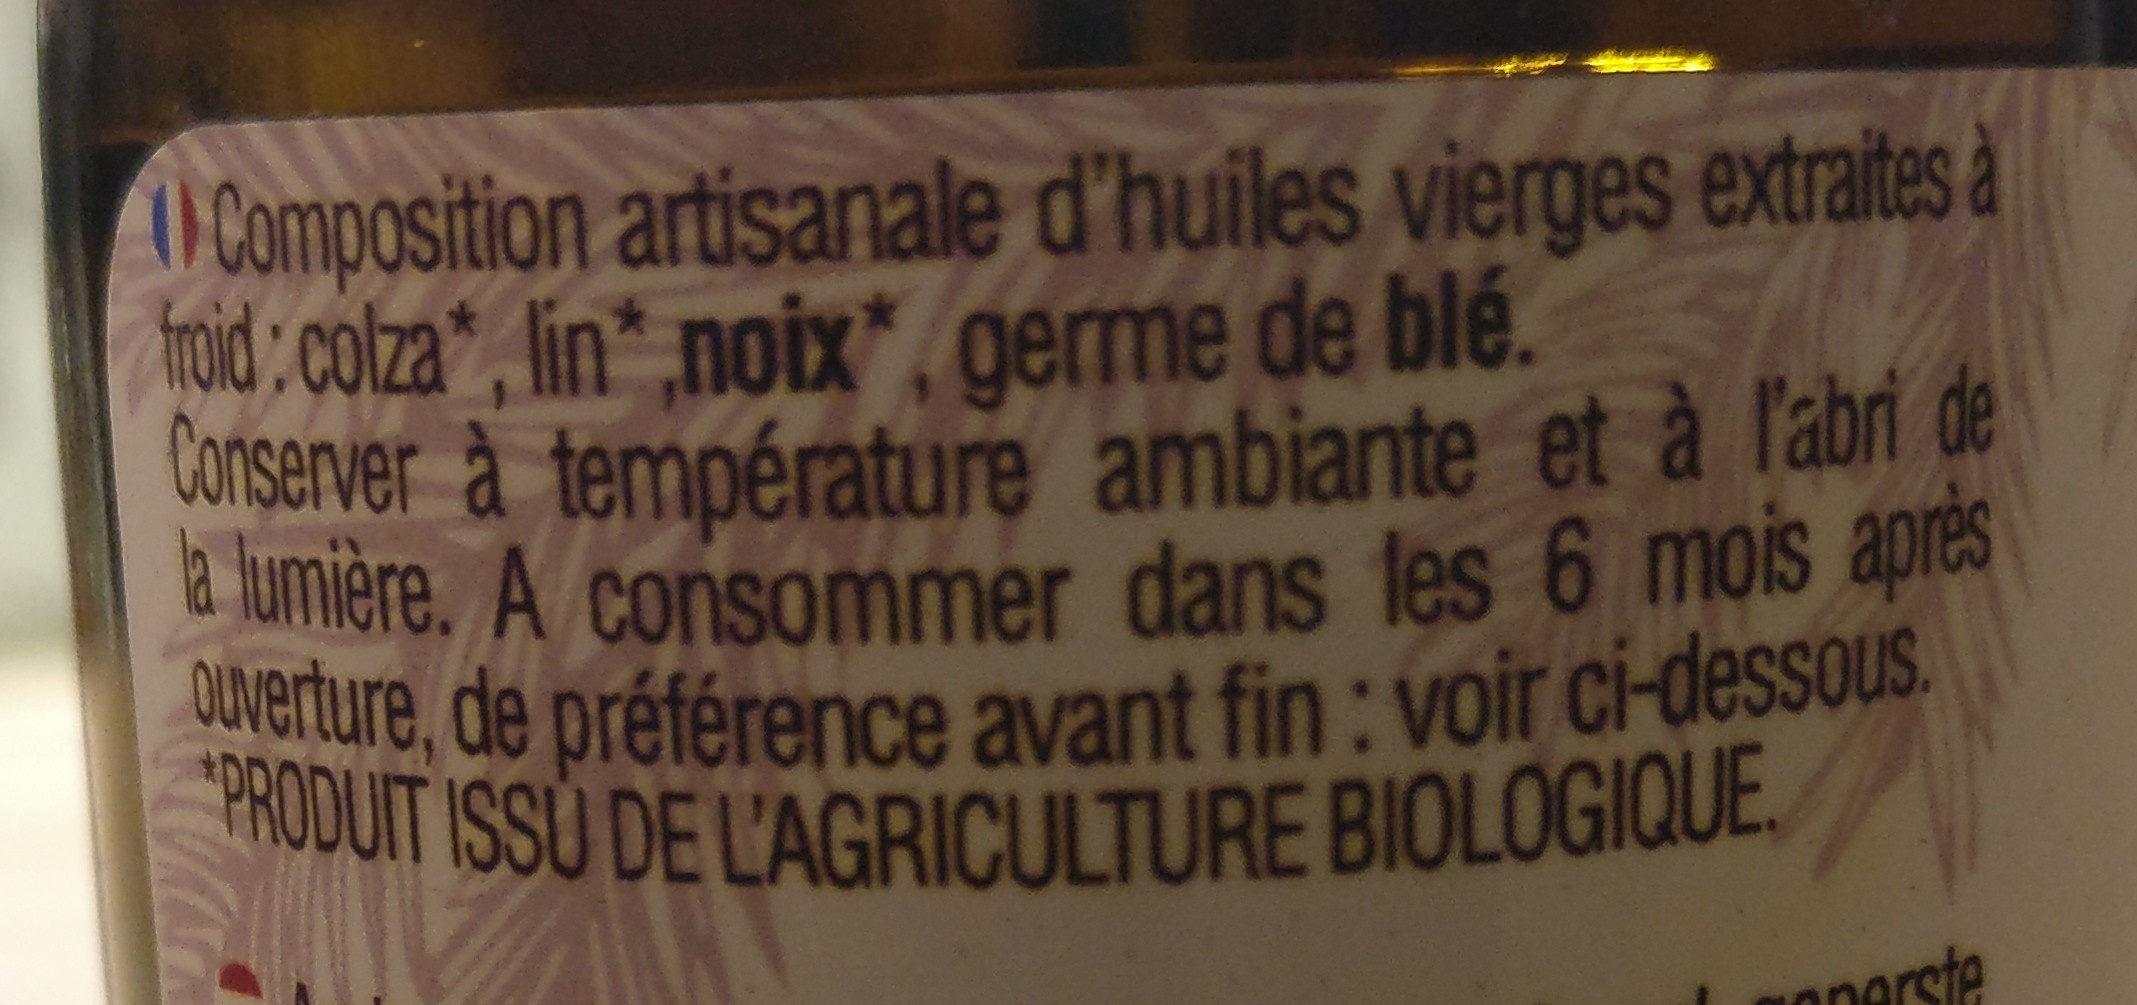 Huile Vierge Omega 3 - Ingrediënten - fr